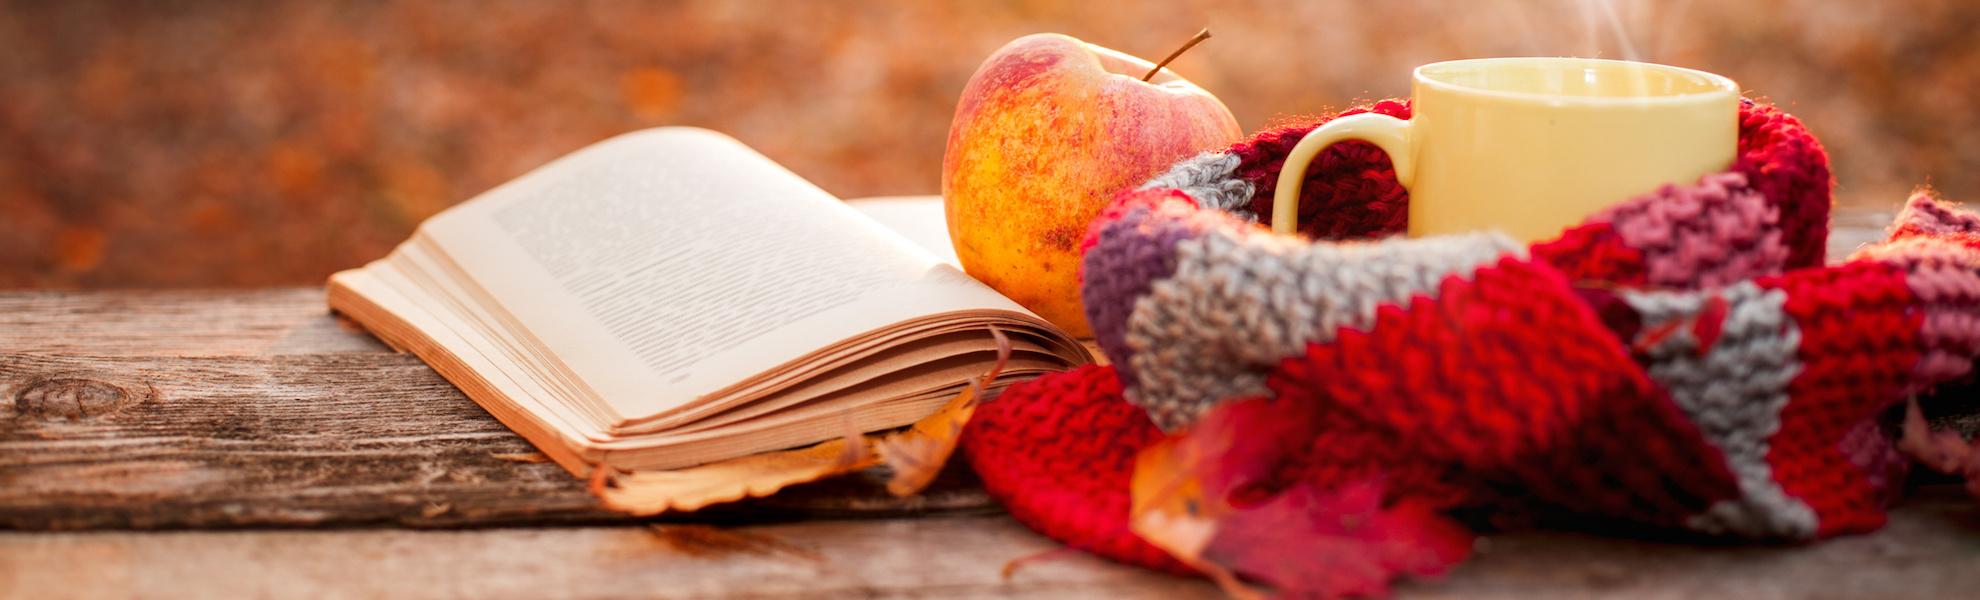 Herbst-Buch-Apfel-Schal-Heißgetränk-Holzbank